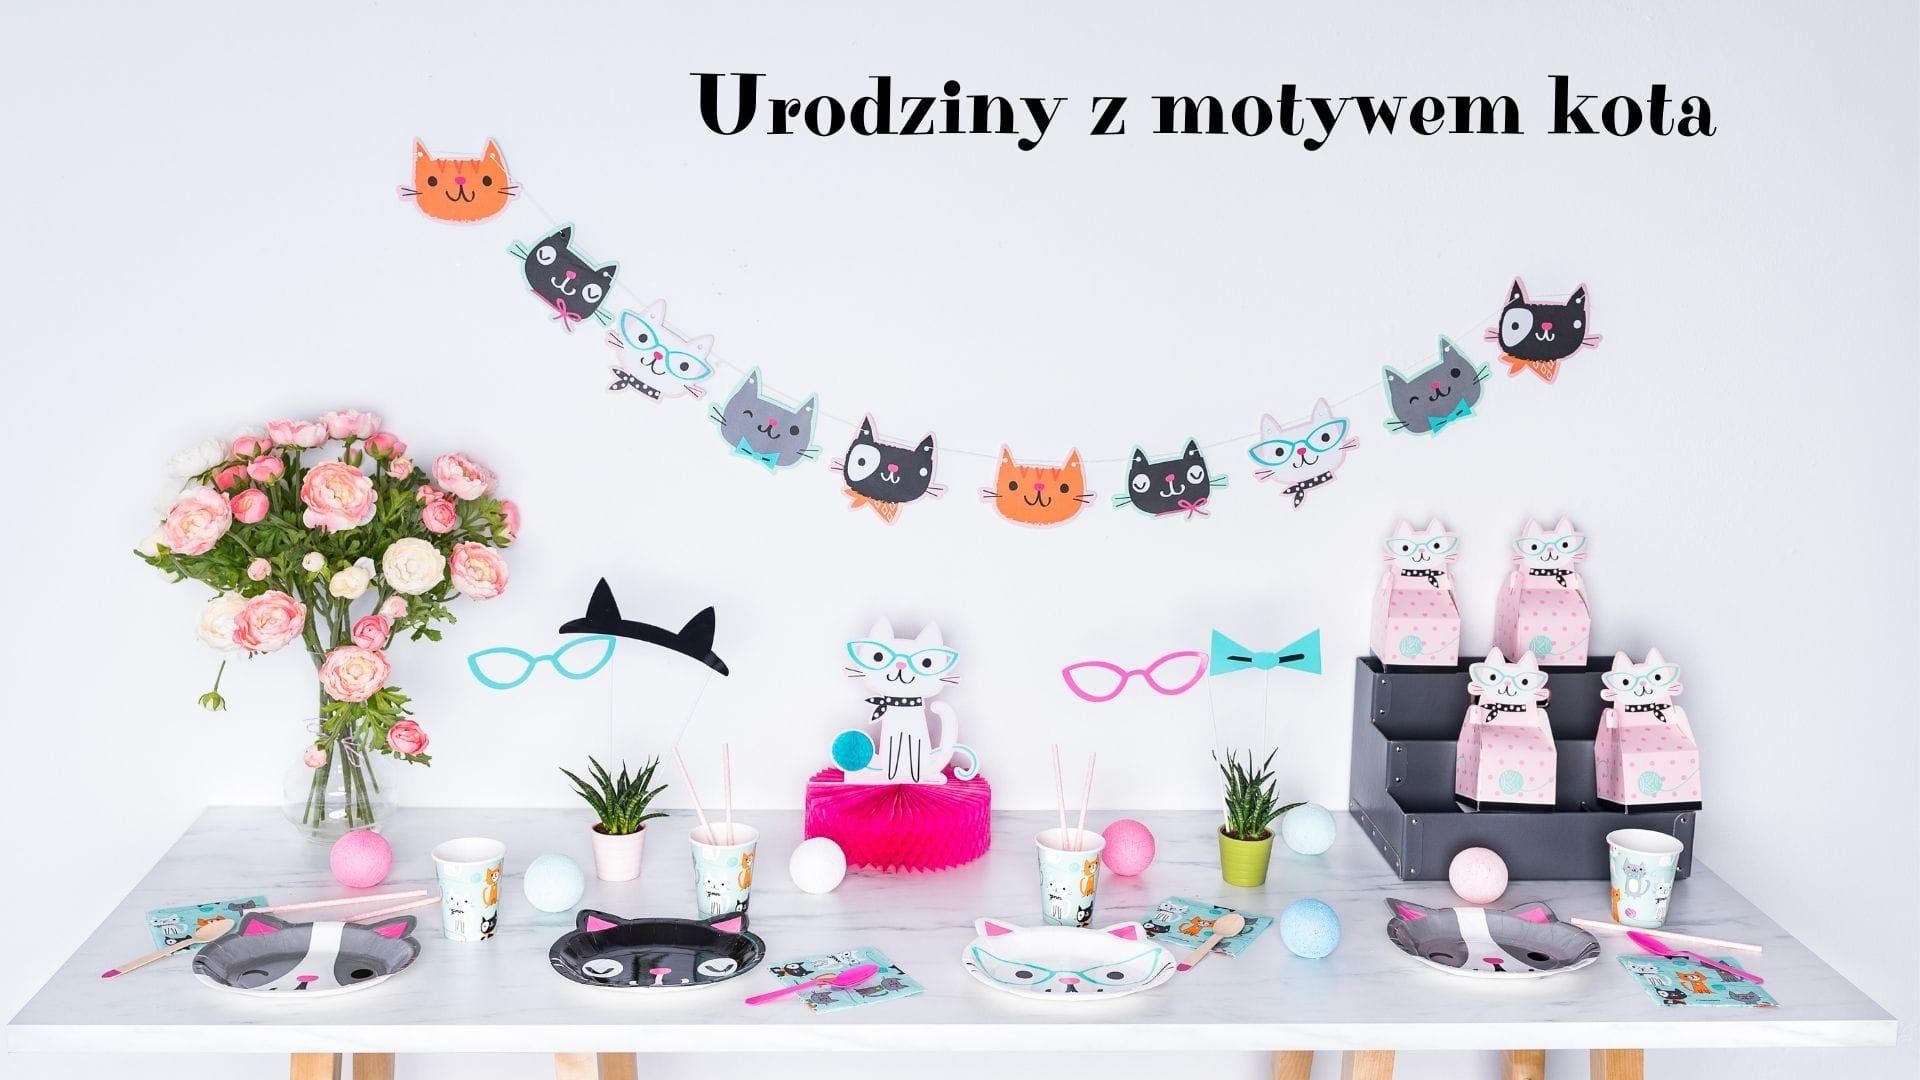 Kocie urodziny, czyli urodziny z motywem kota